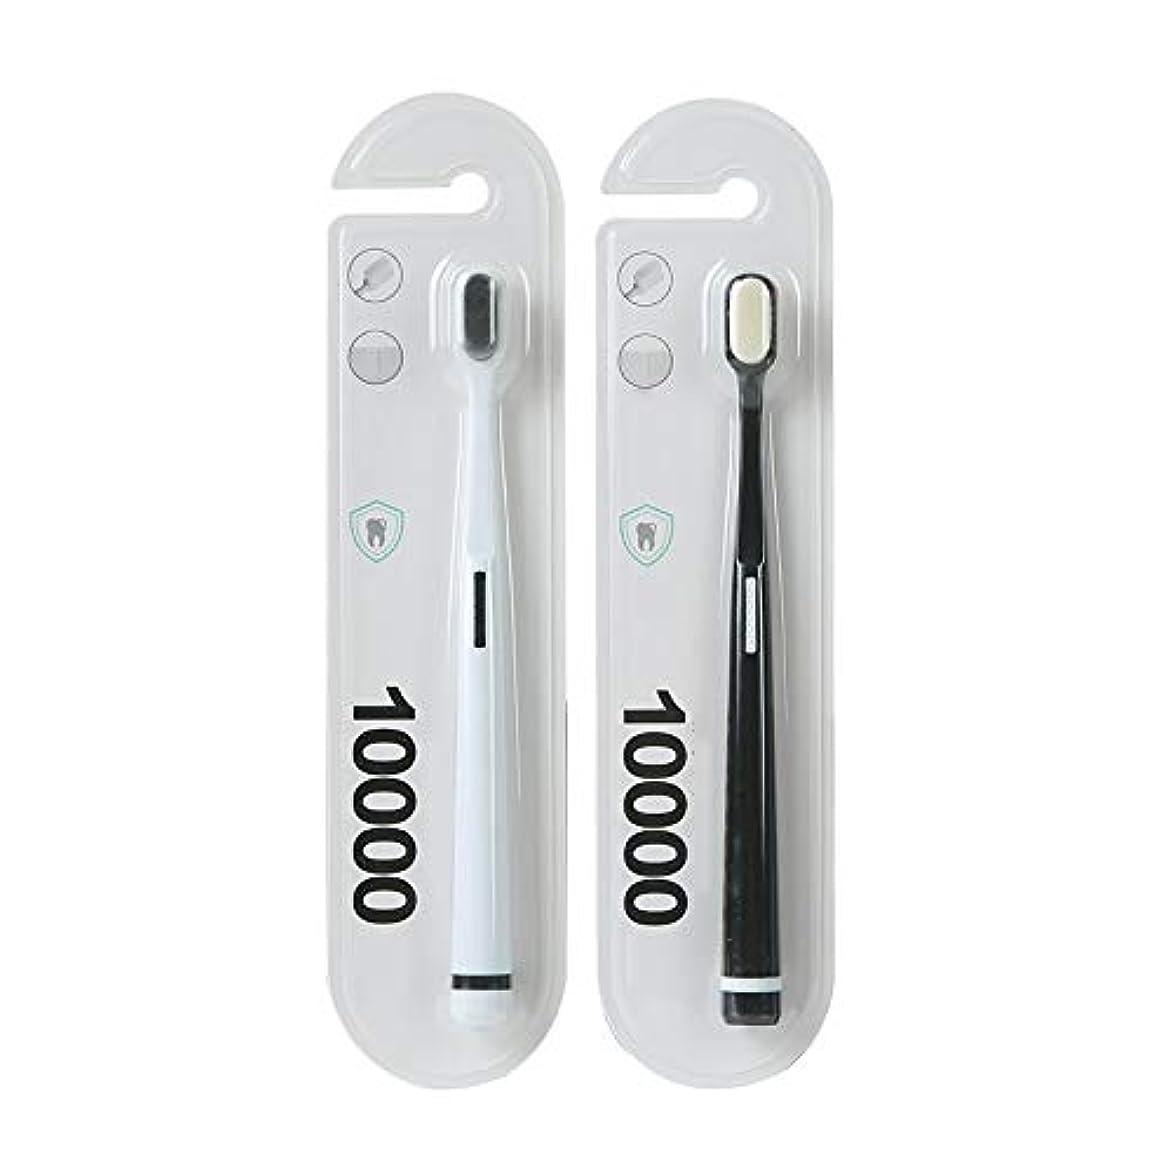 アンソロジー傾向る歯ブラシ 2本の歯ブラシ、黒と白歯ブラシ、ワイドブラシヘッド歯ブラシ、ディープホワイトニング汚れを除去するために HL (サイズ : 2 packs)